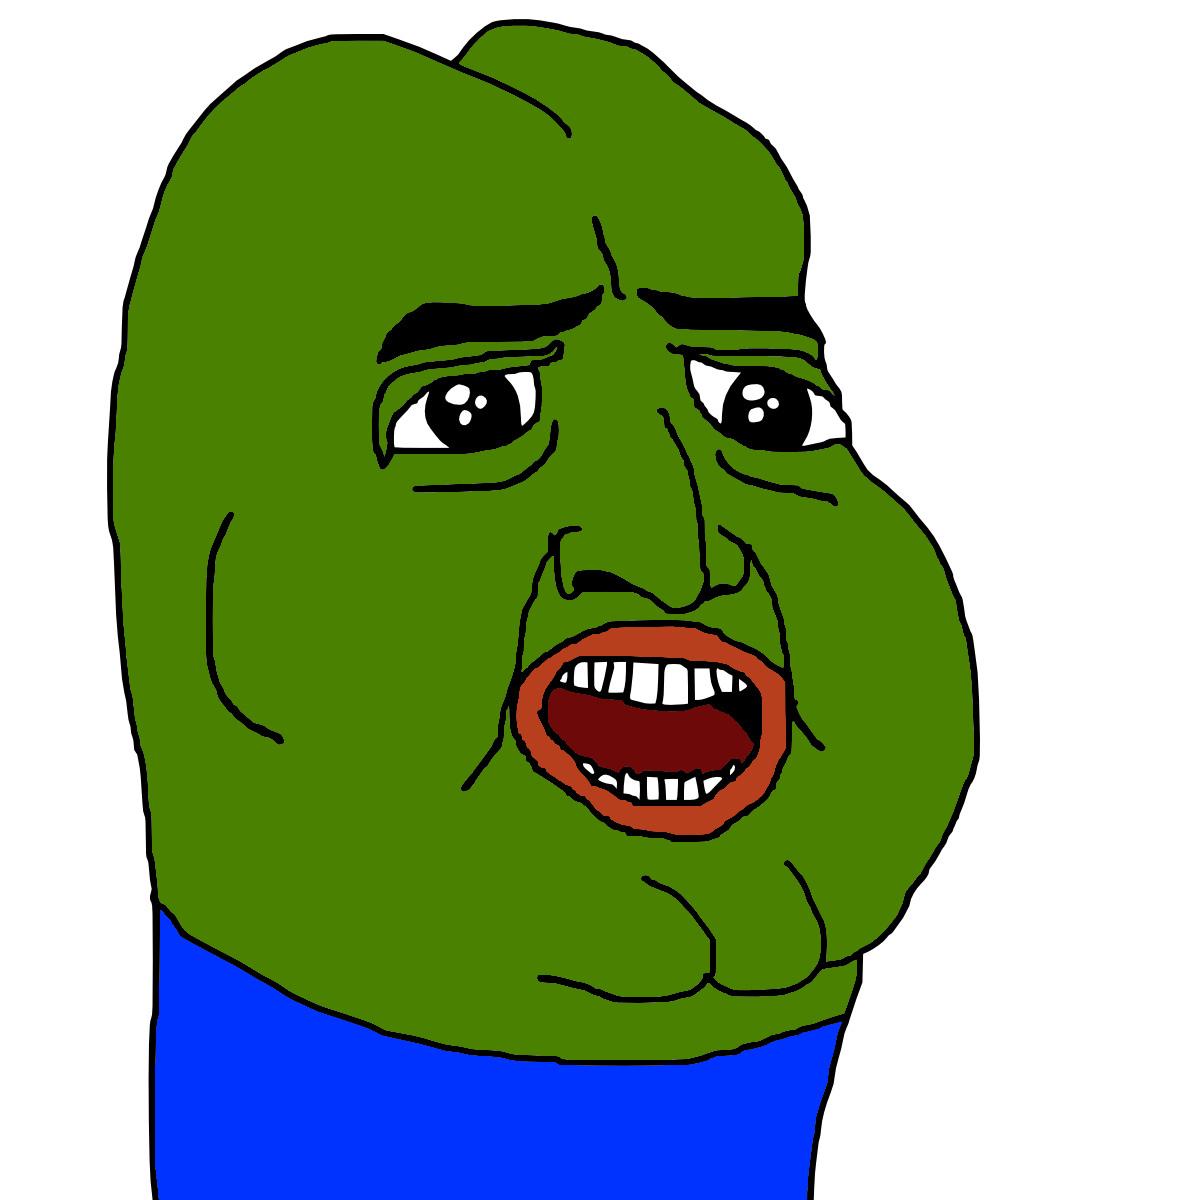 Pepe Wallpaper Meme